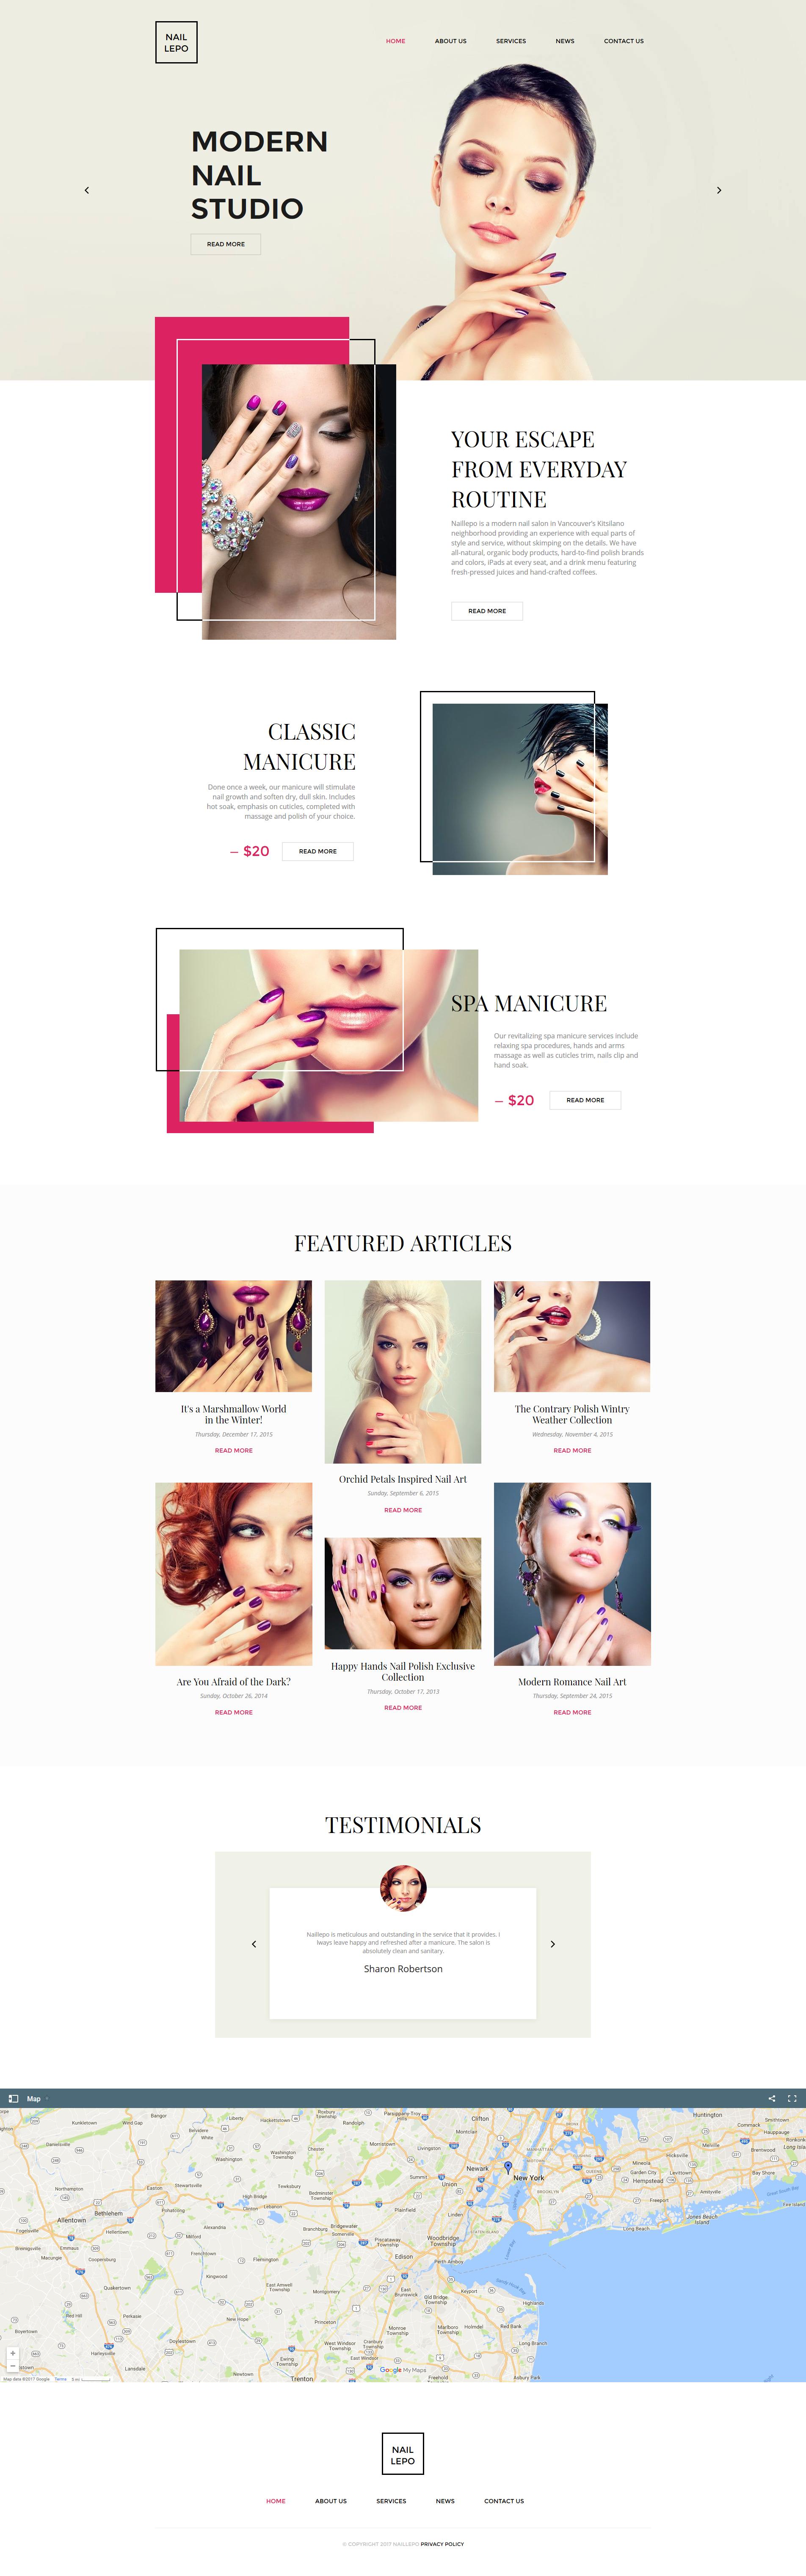 Plantilla Moto CMS HTML #63446 para Sitio de Salones de manicura